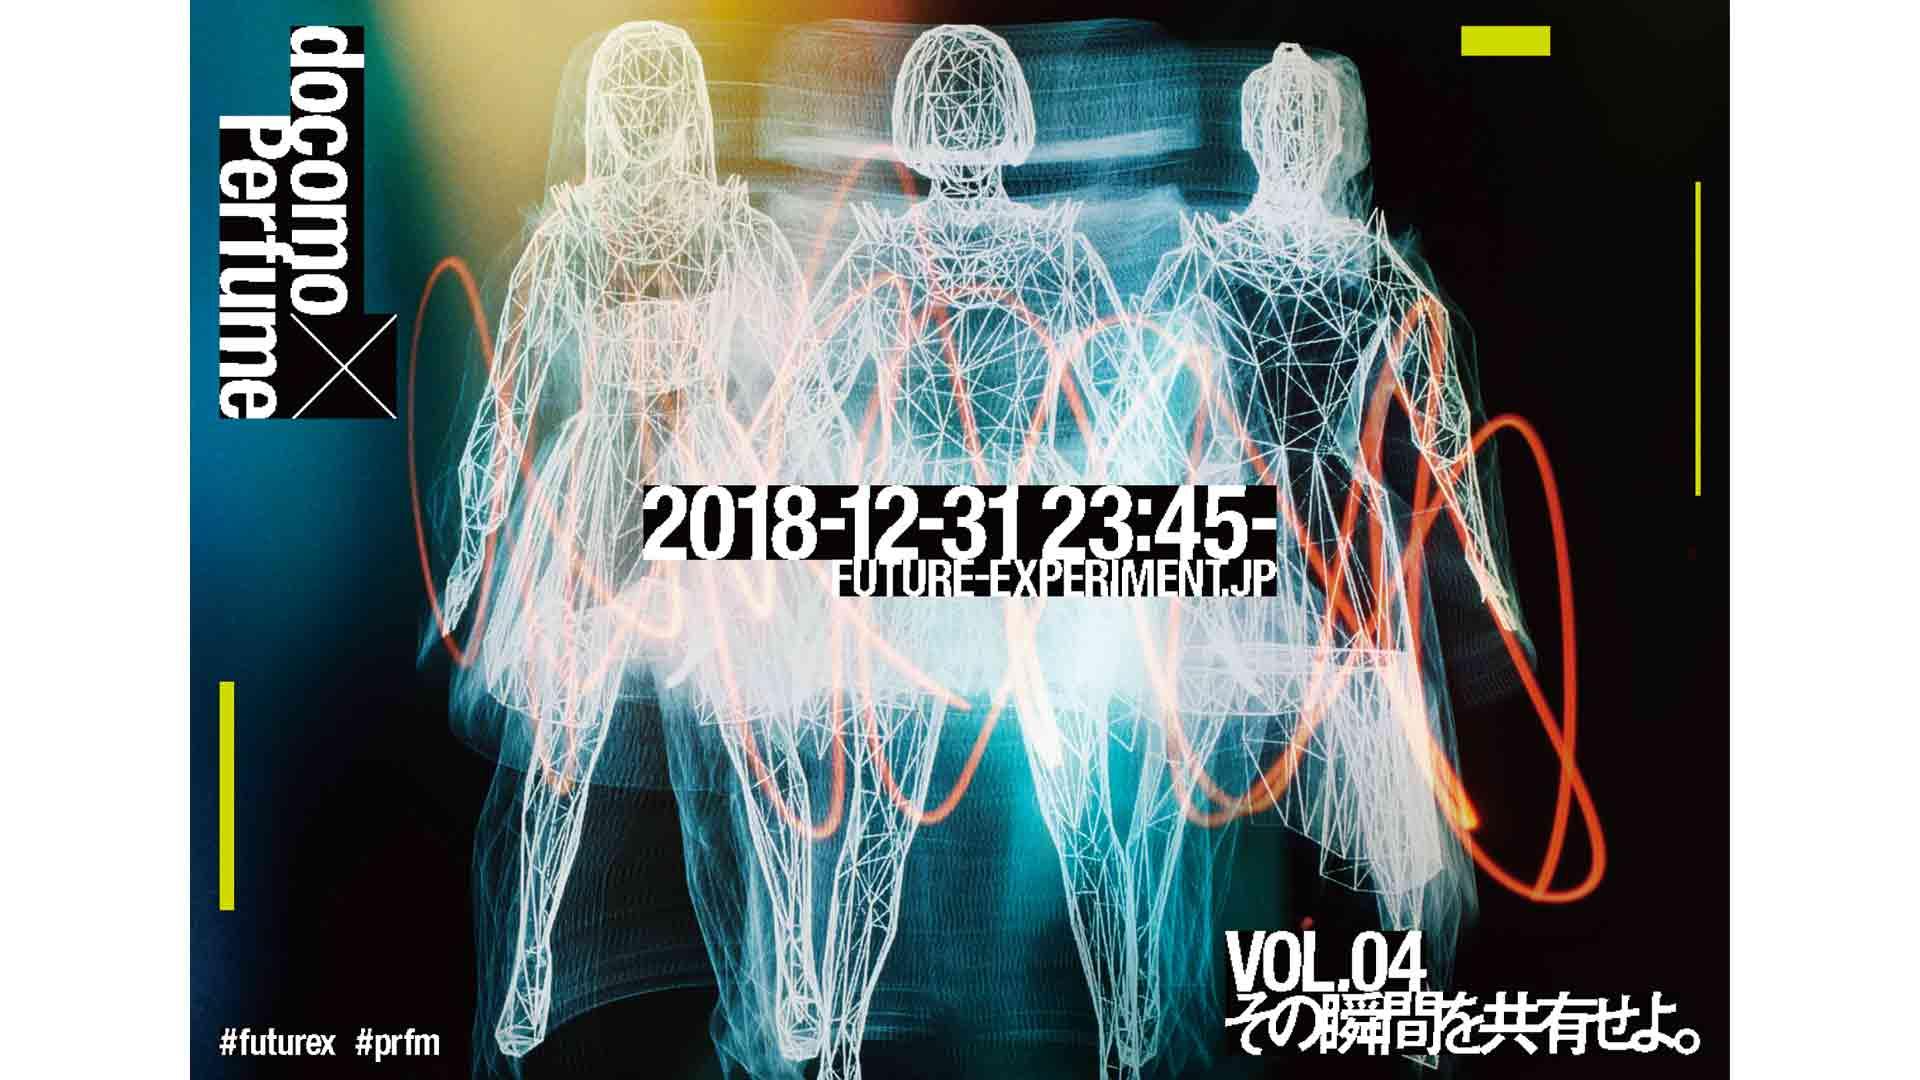 NTT docomo「FUTURE-EXPERIMENT VOL.04 その瞬間を共有せよ。」